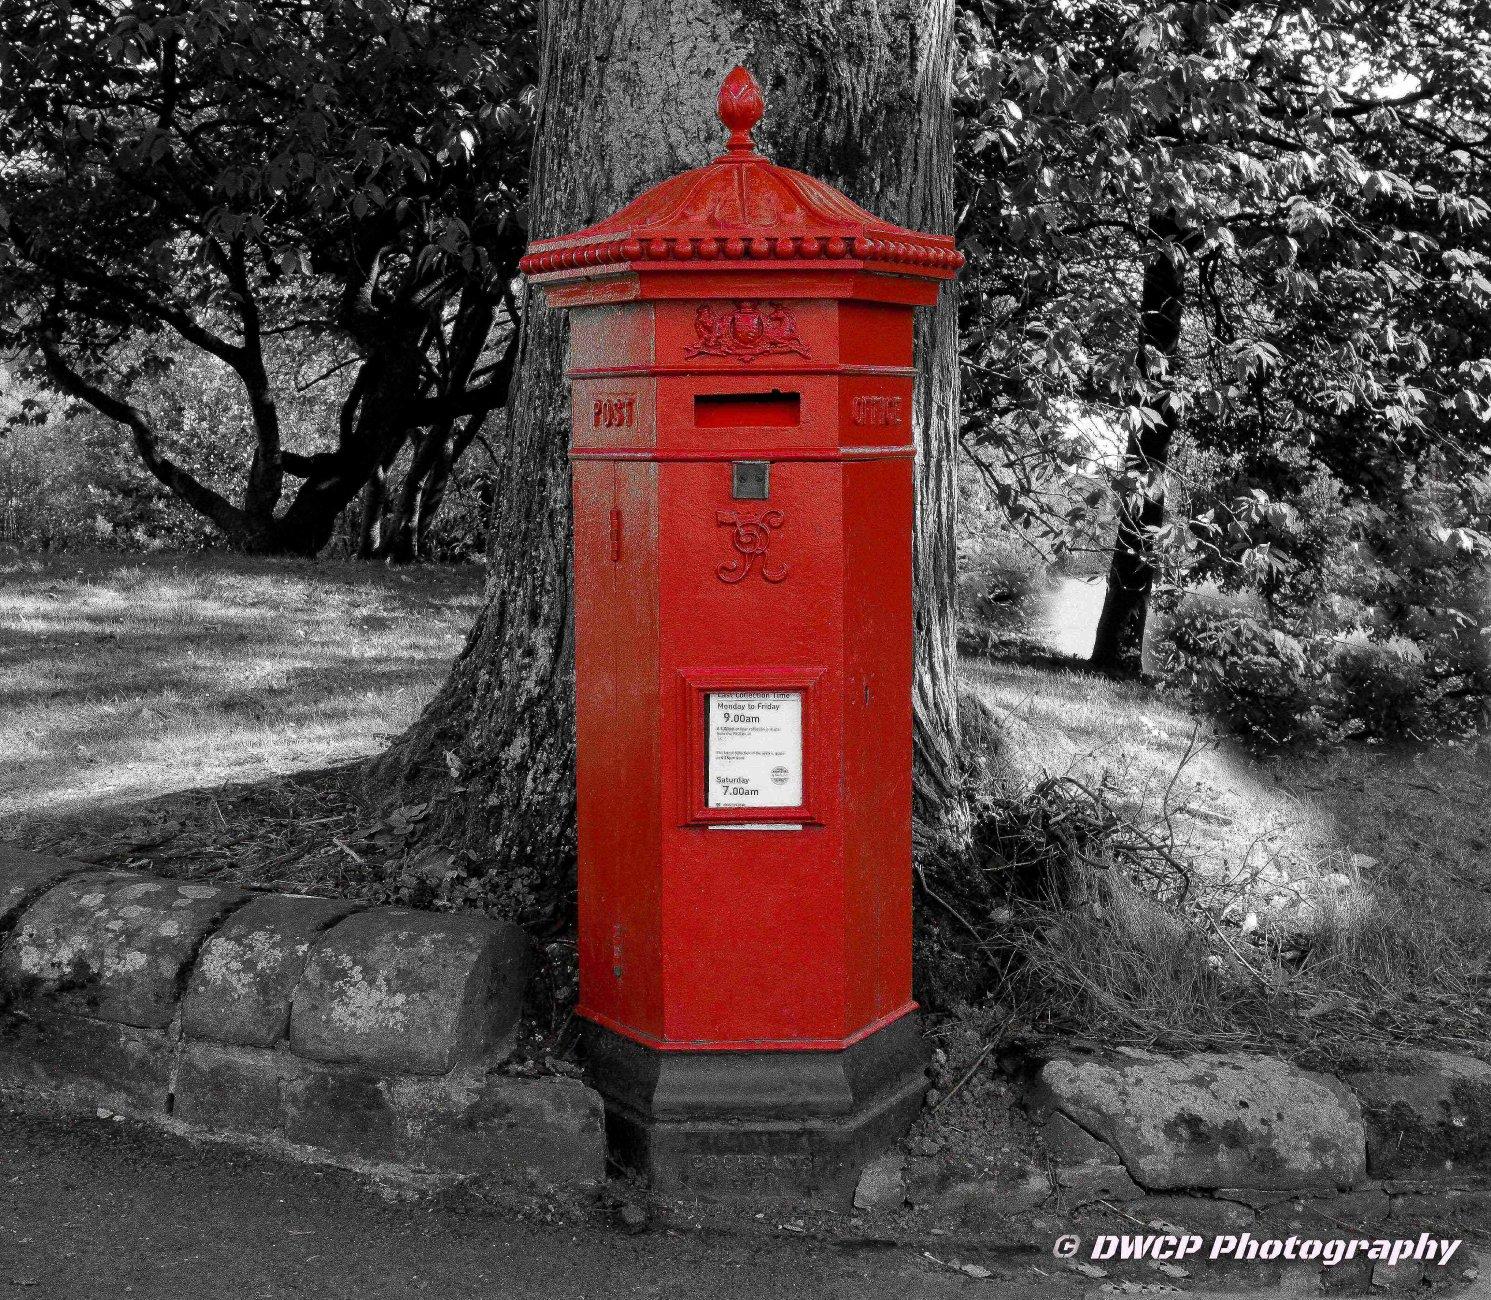 Postie Box